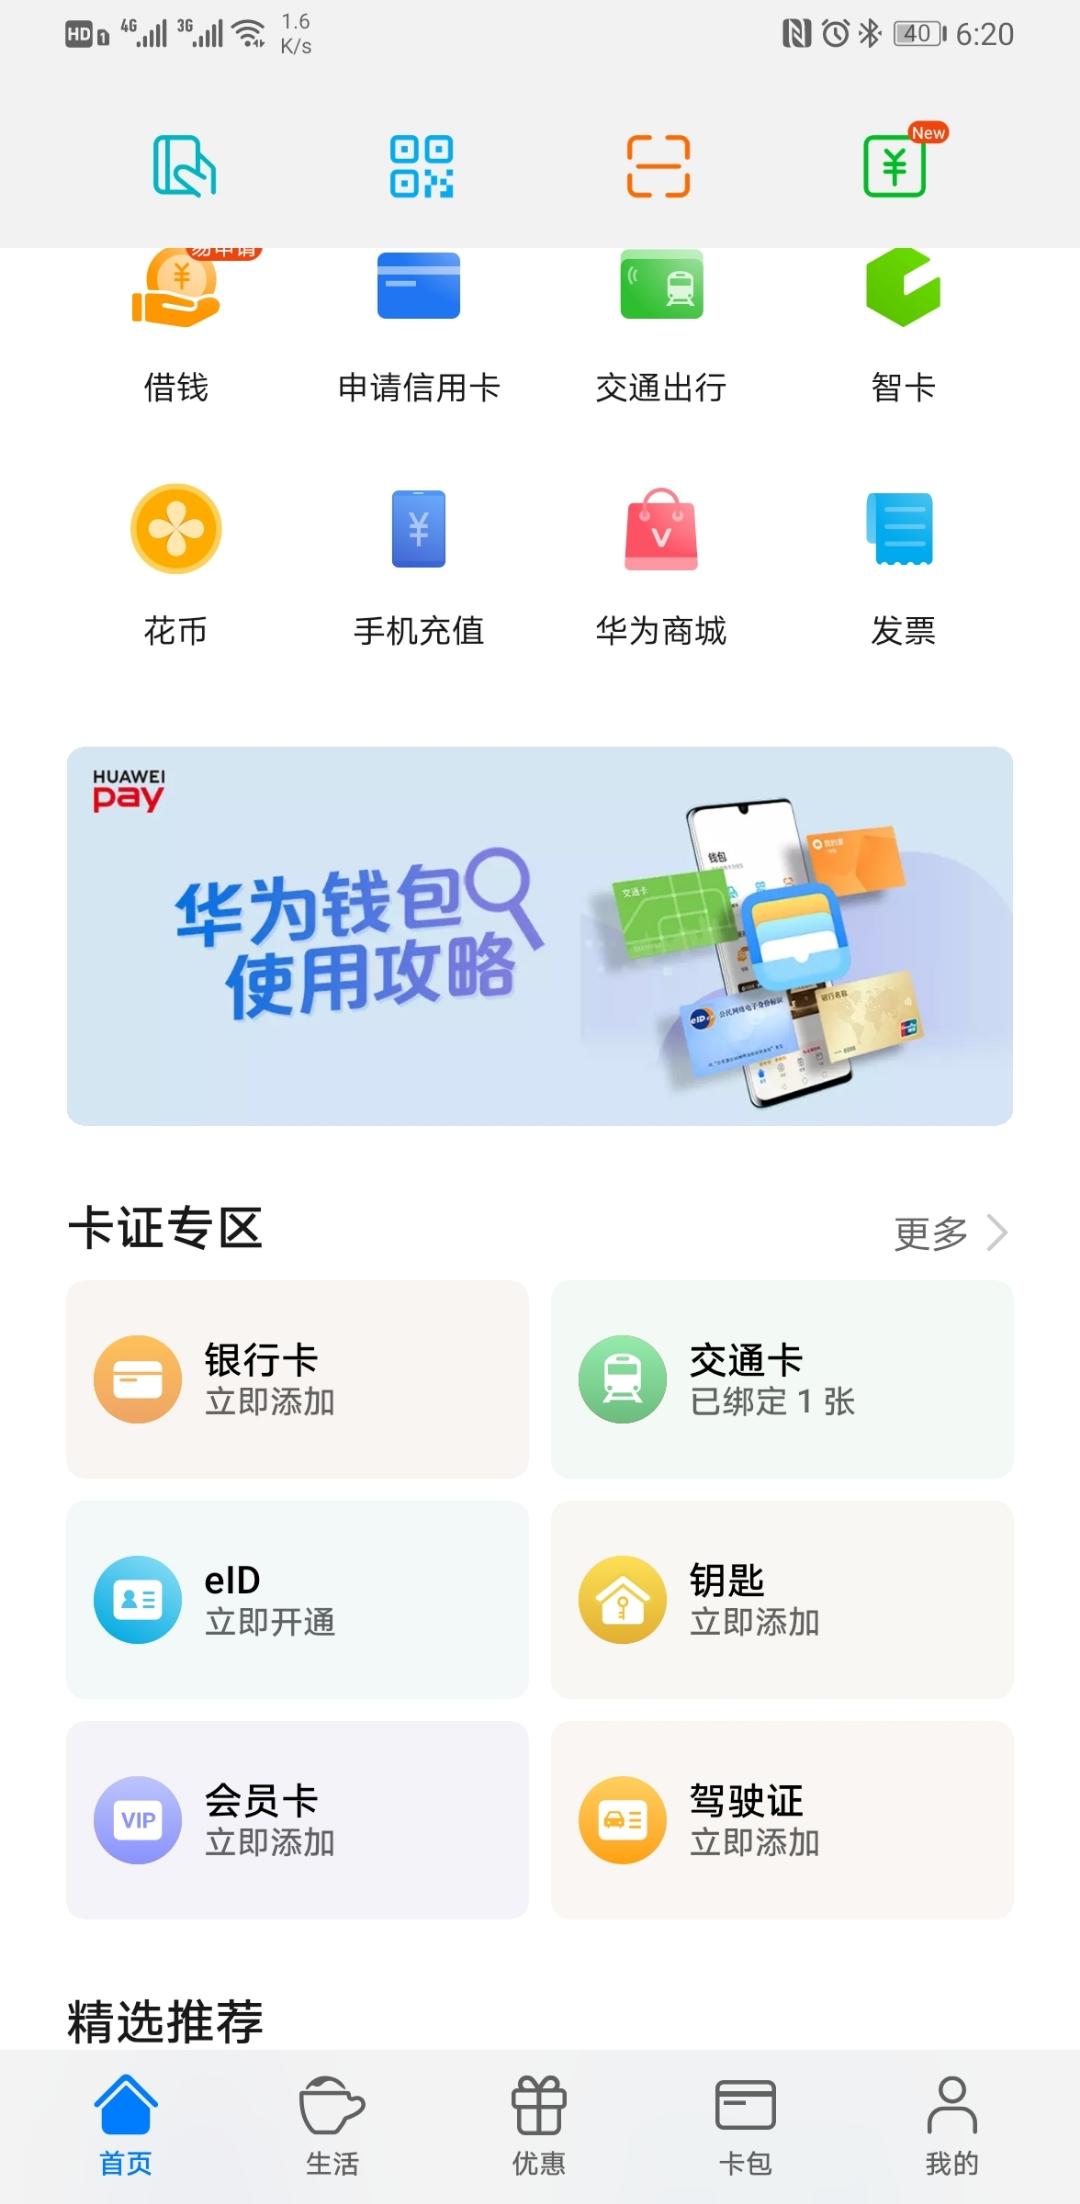 Screenshot_20200430_182013_com.huawei.wallet.jpg